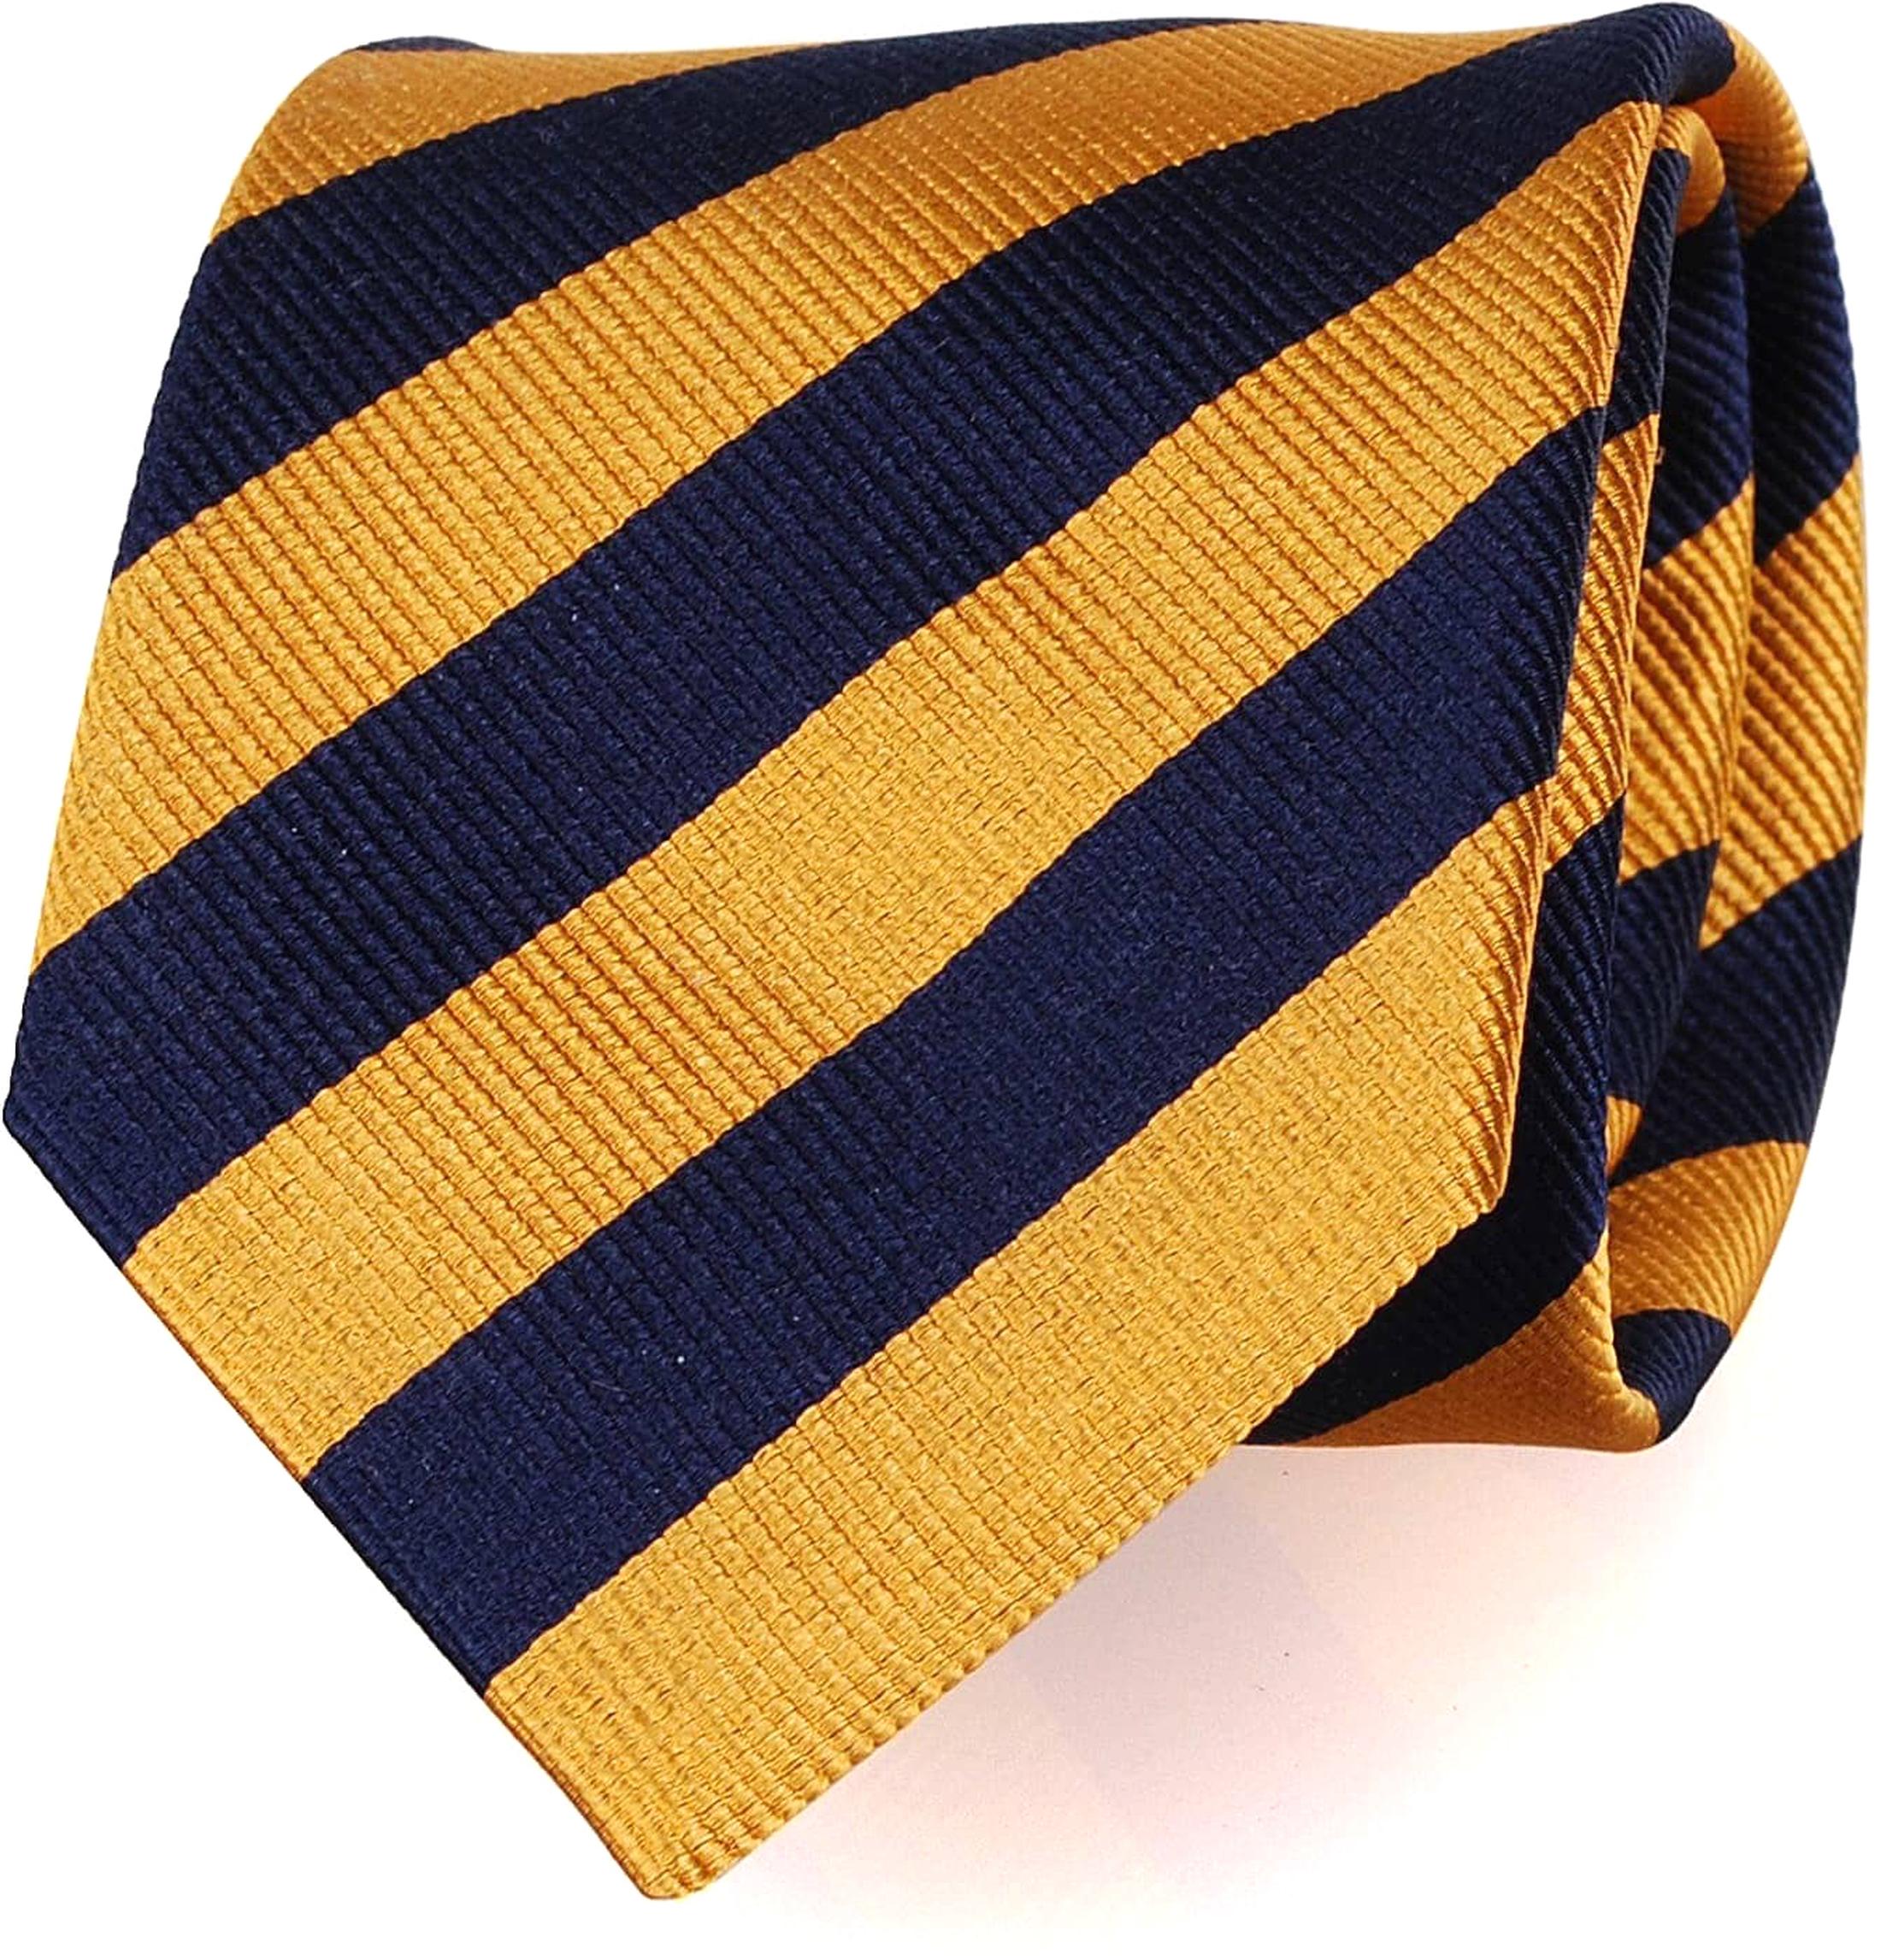 Krawatte Goldene - Navy Streifen FD17 foto 0